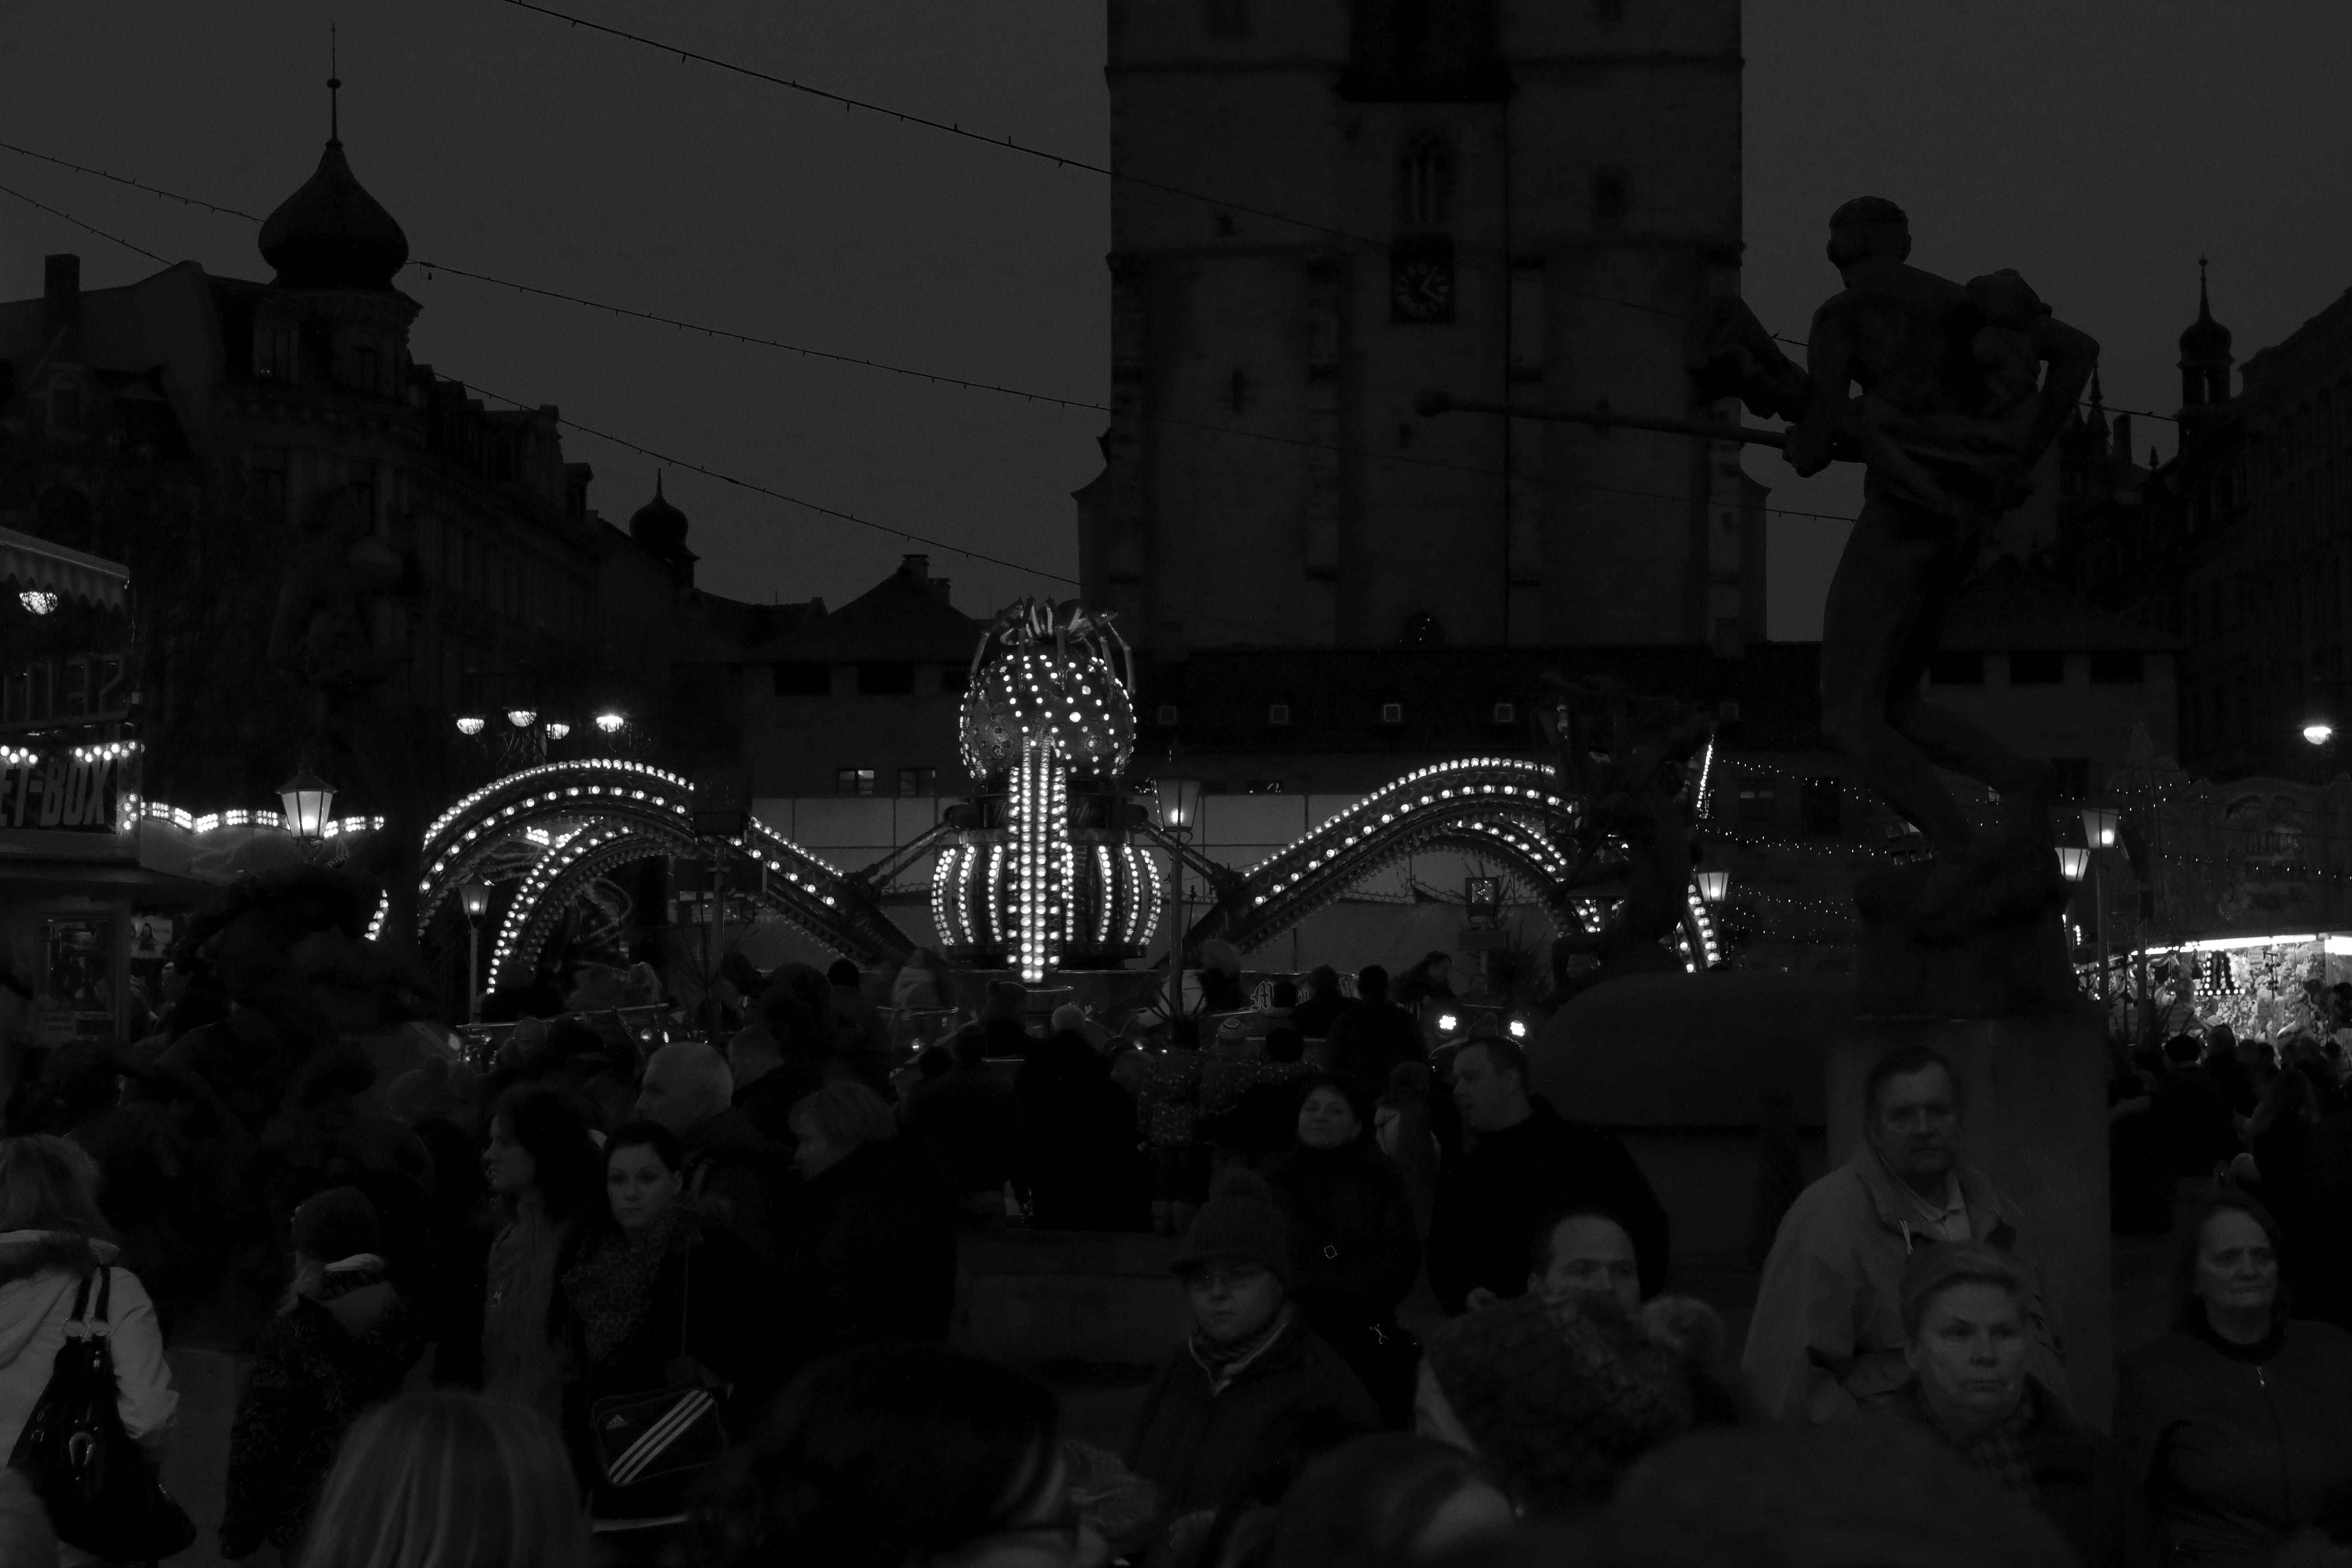 Bilder Weihnachten Kostenlos Schwarz Weiß.Kostenlose Foto Schwarz Und Weiß Nacht Menge Abend Dunkelheit